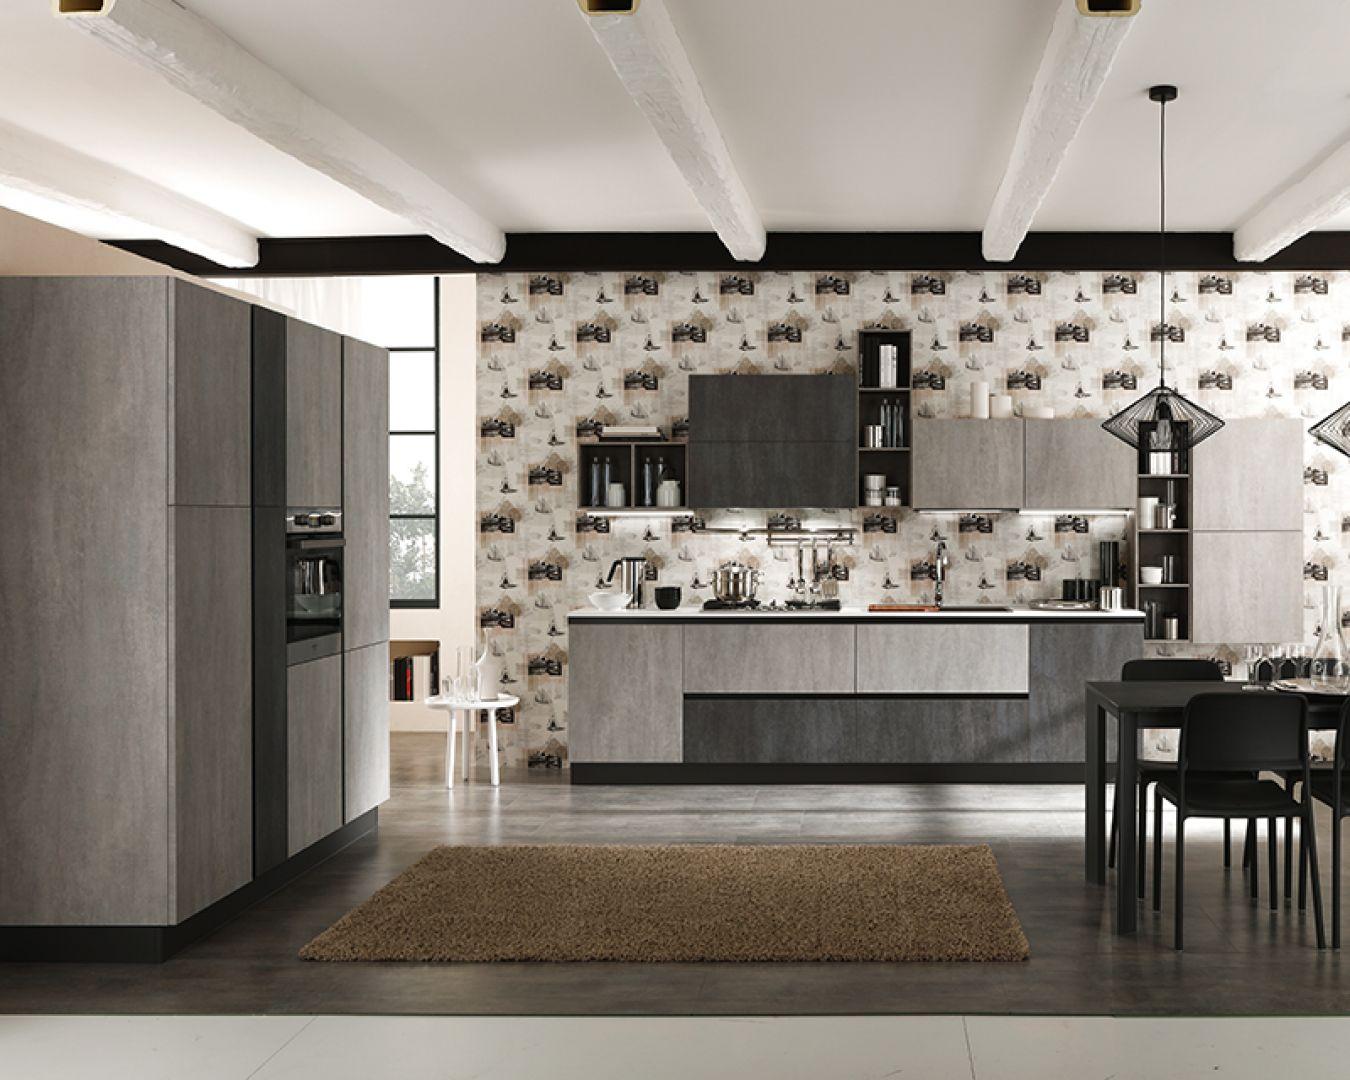 Cucina Mobilturi Zen € 2290.00 | Tutto Mobili, arredamento camere ...